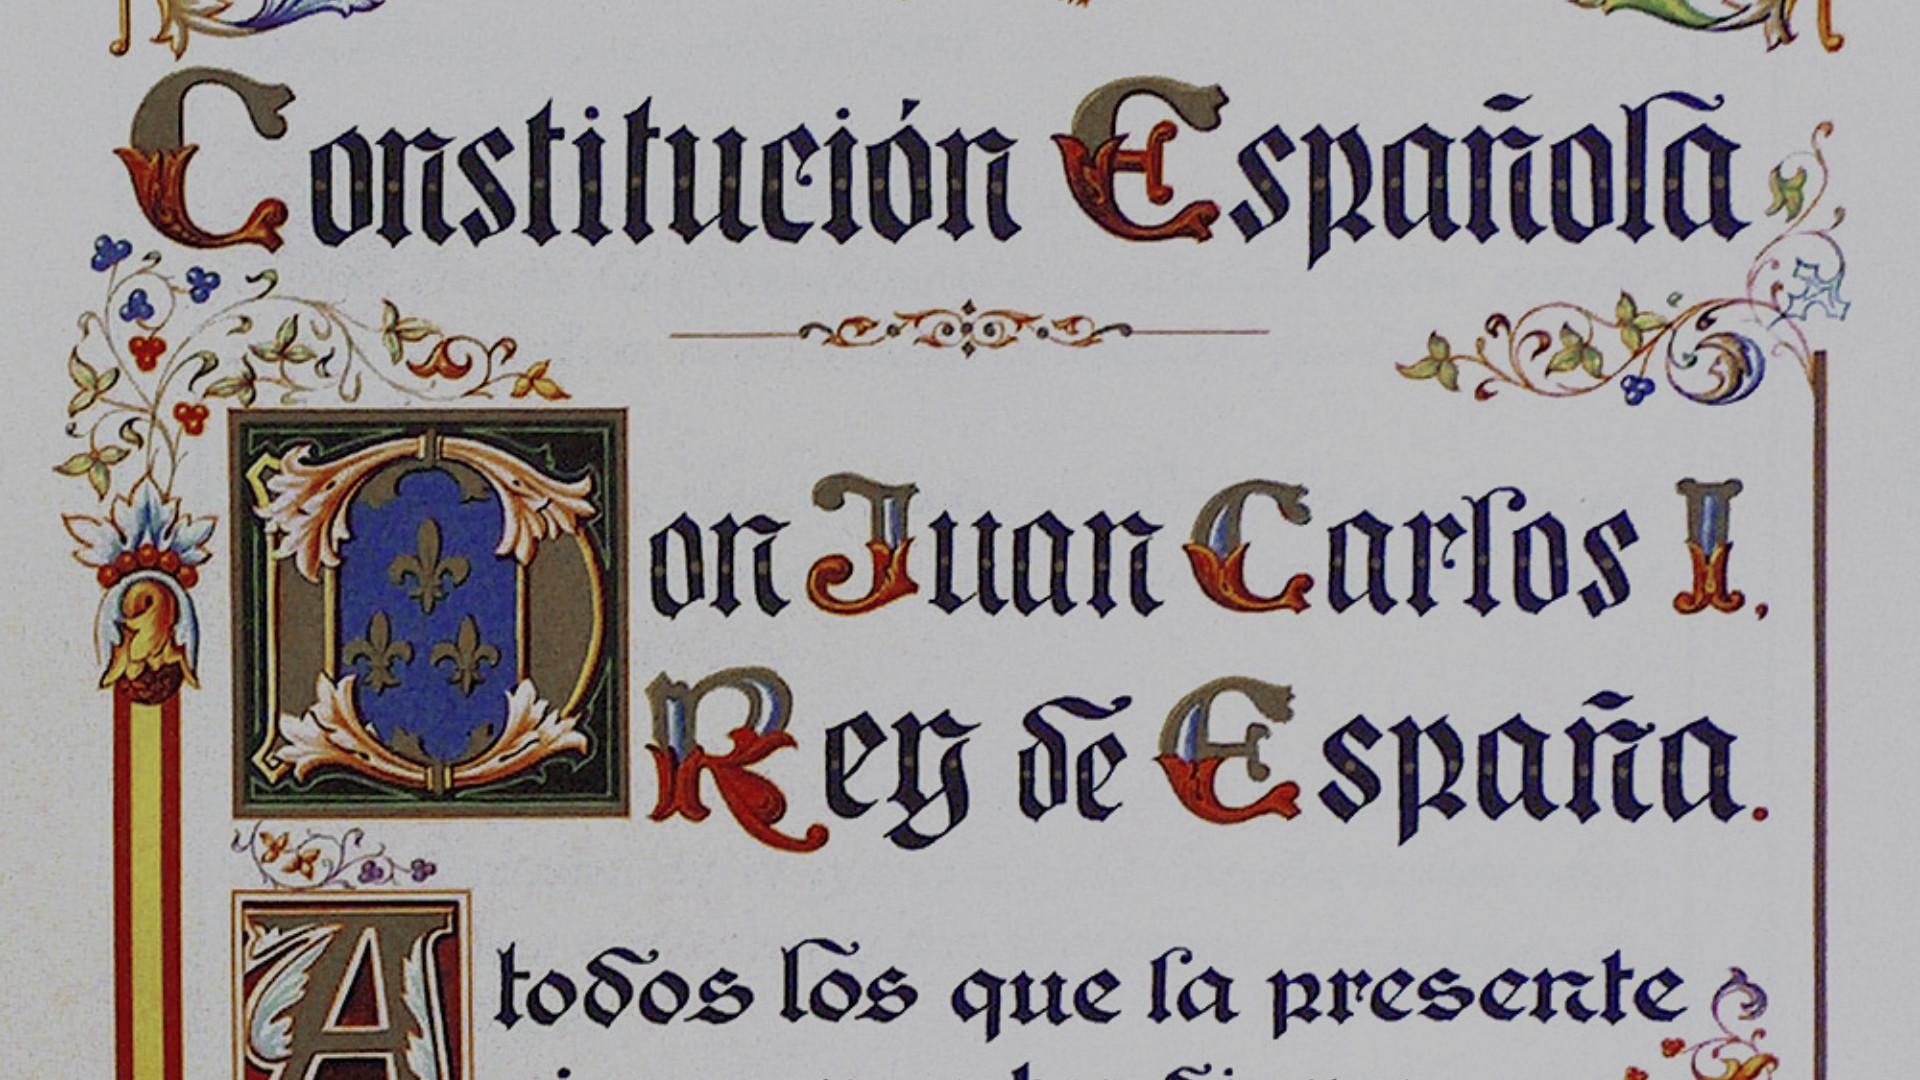 ¡Viva al Rey! En defensa de la Monarquía española